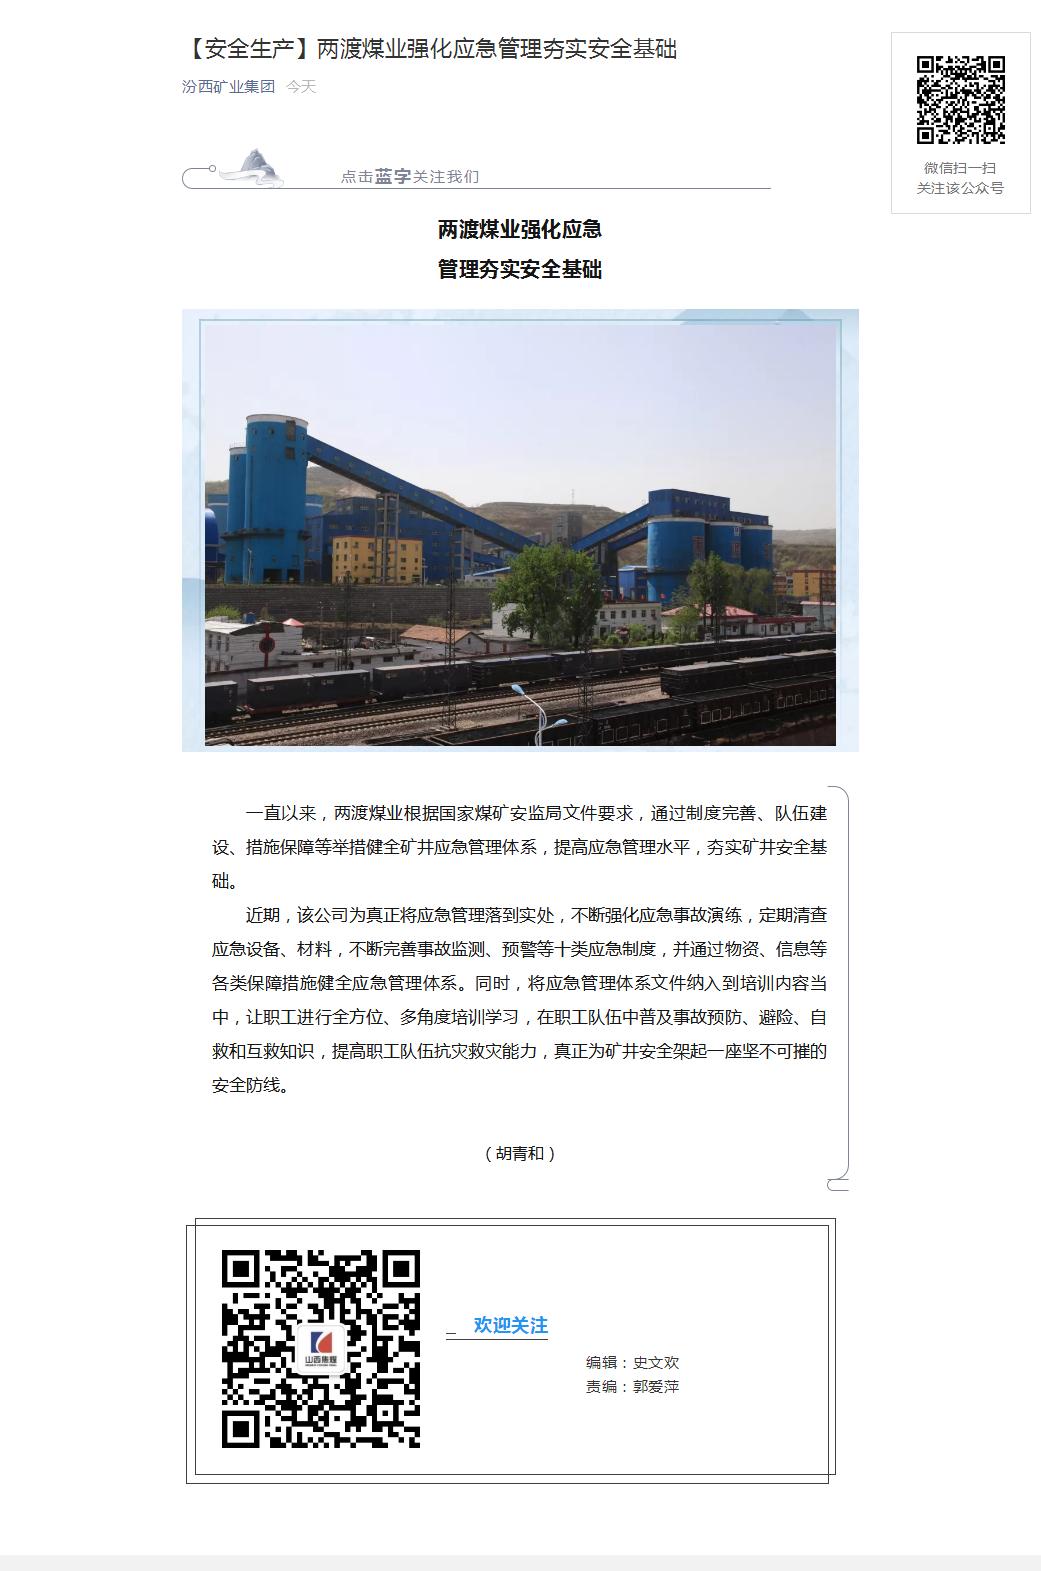 【安全生产】两渡煤业强化应急管理夯实安全基础.png